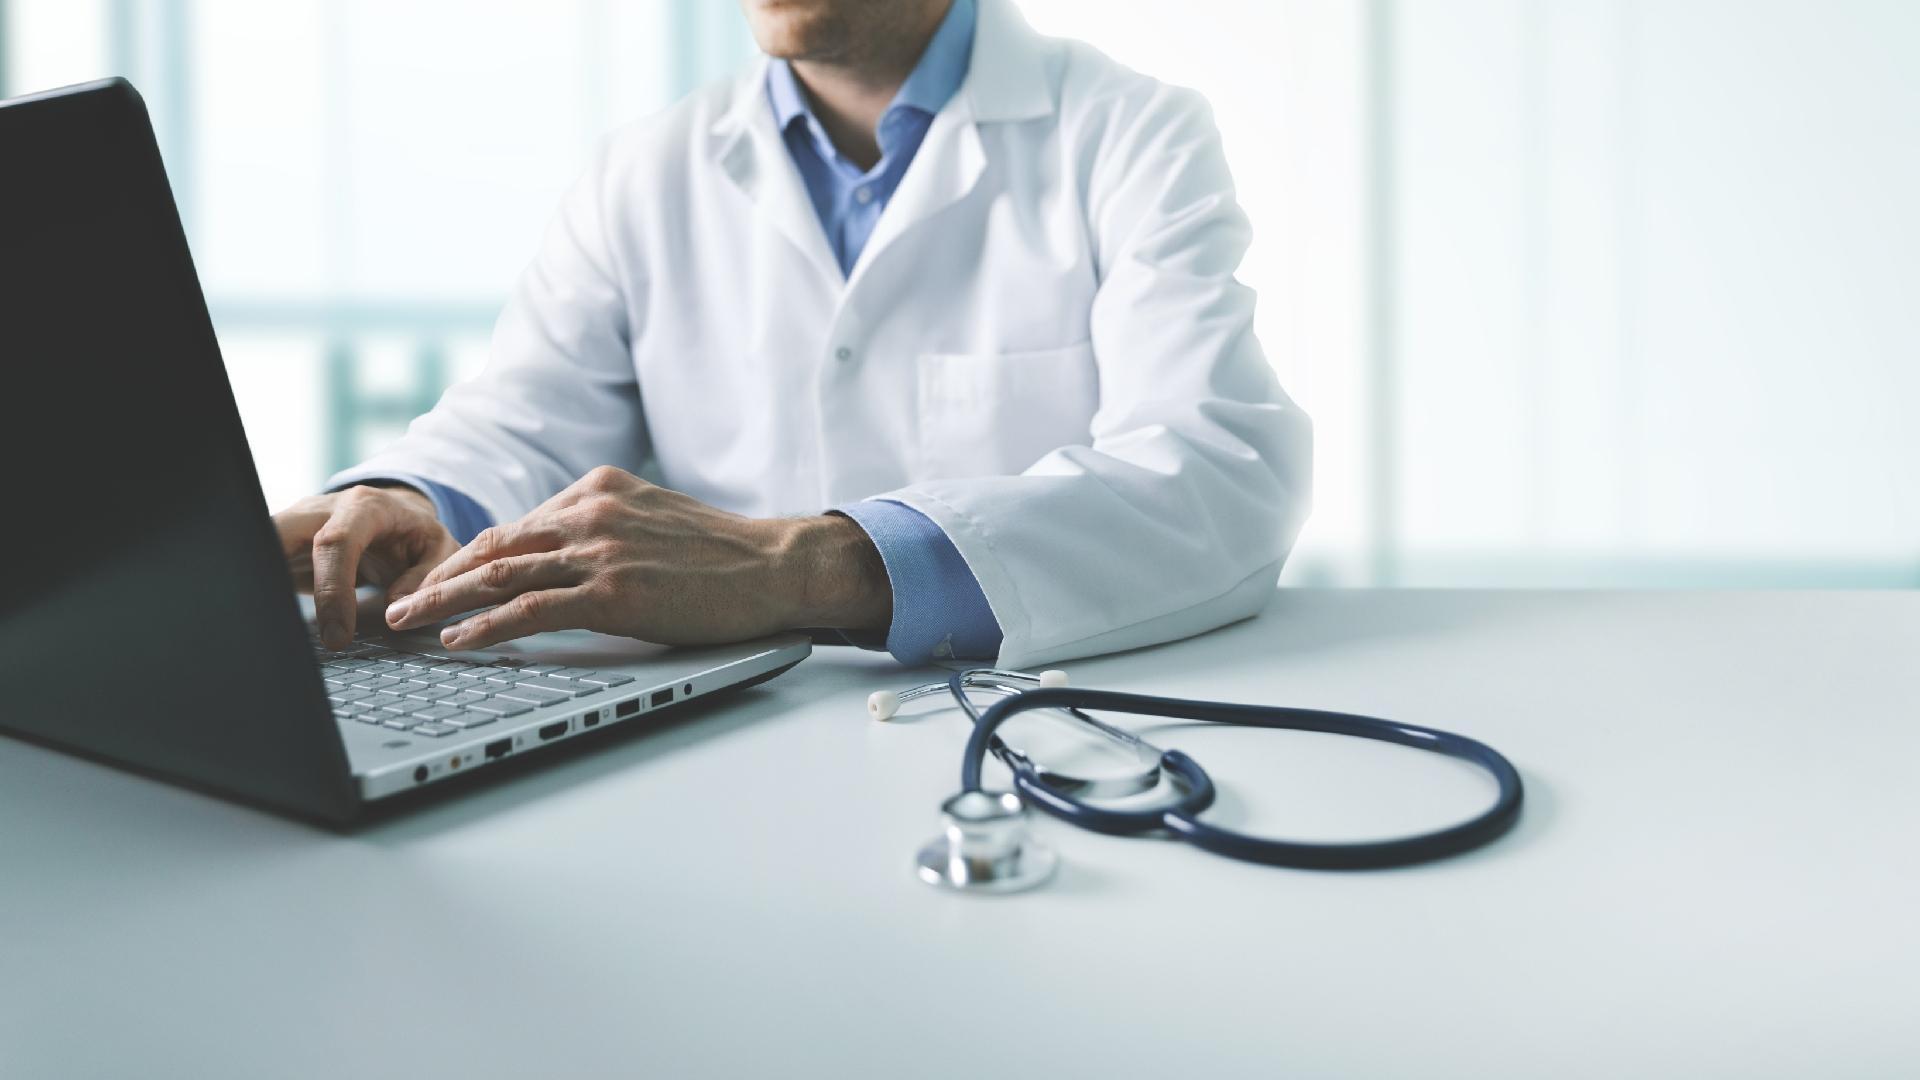 Flexibilização da telemedicina põe à prova segurança do sigilo médico - 17/04/2020 - UOL VivaBem